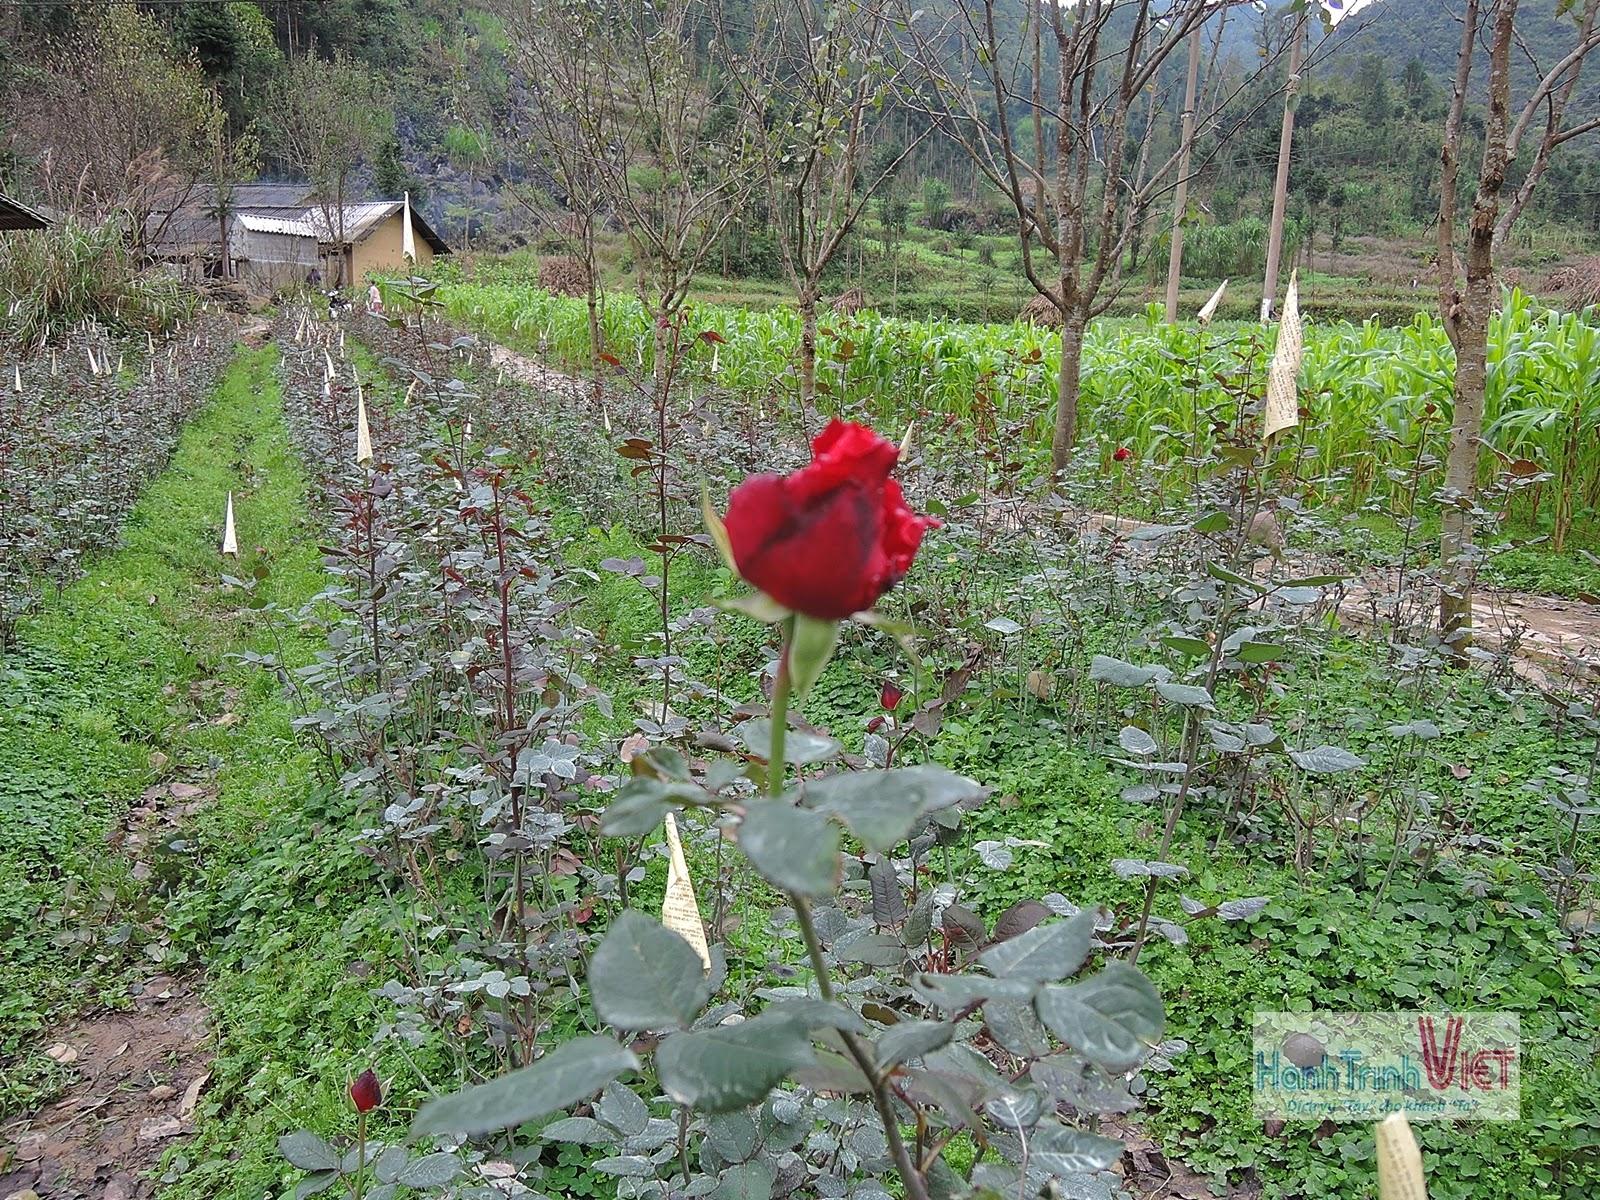 Visite du village Sung La en saison des fleurs de sarrasin